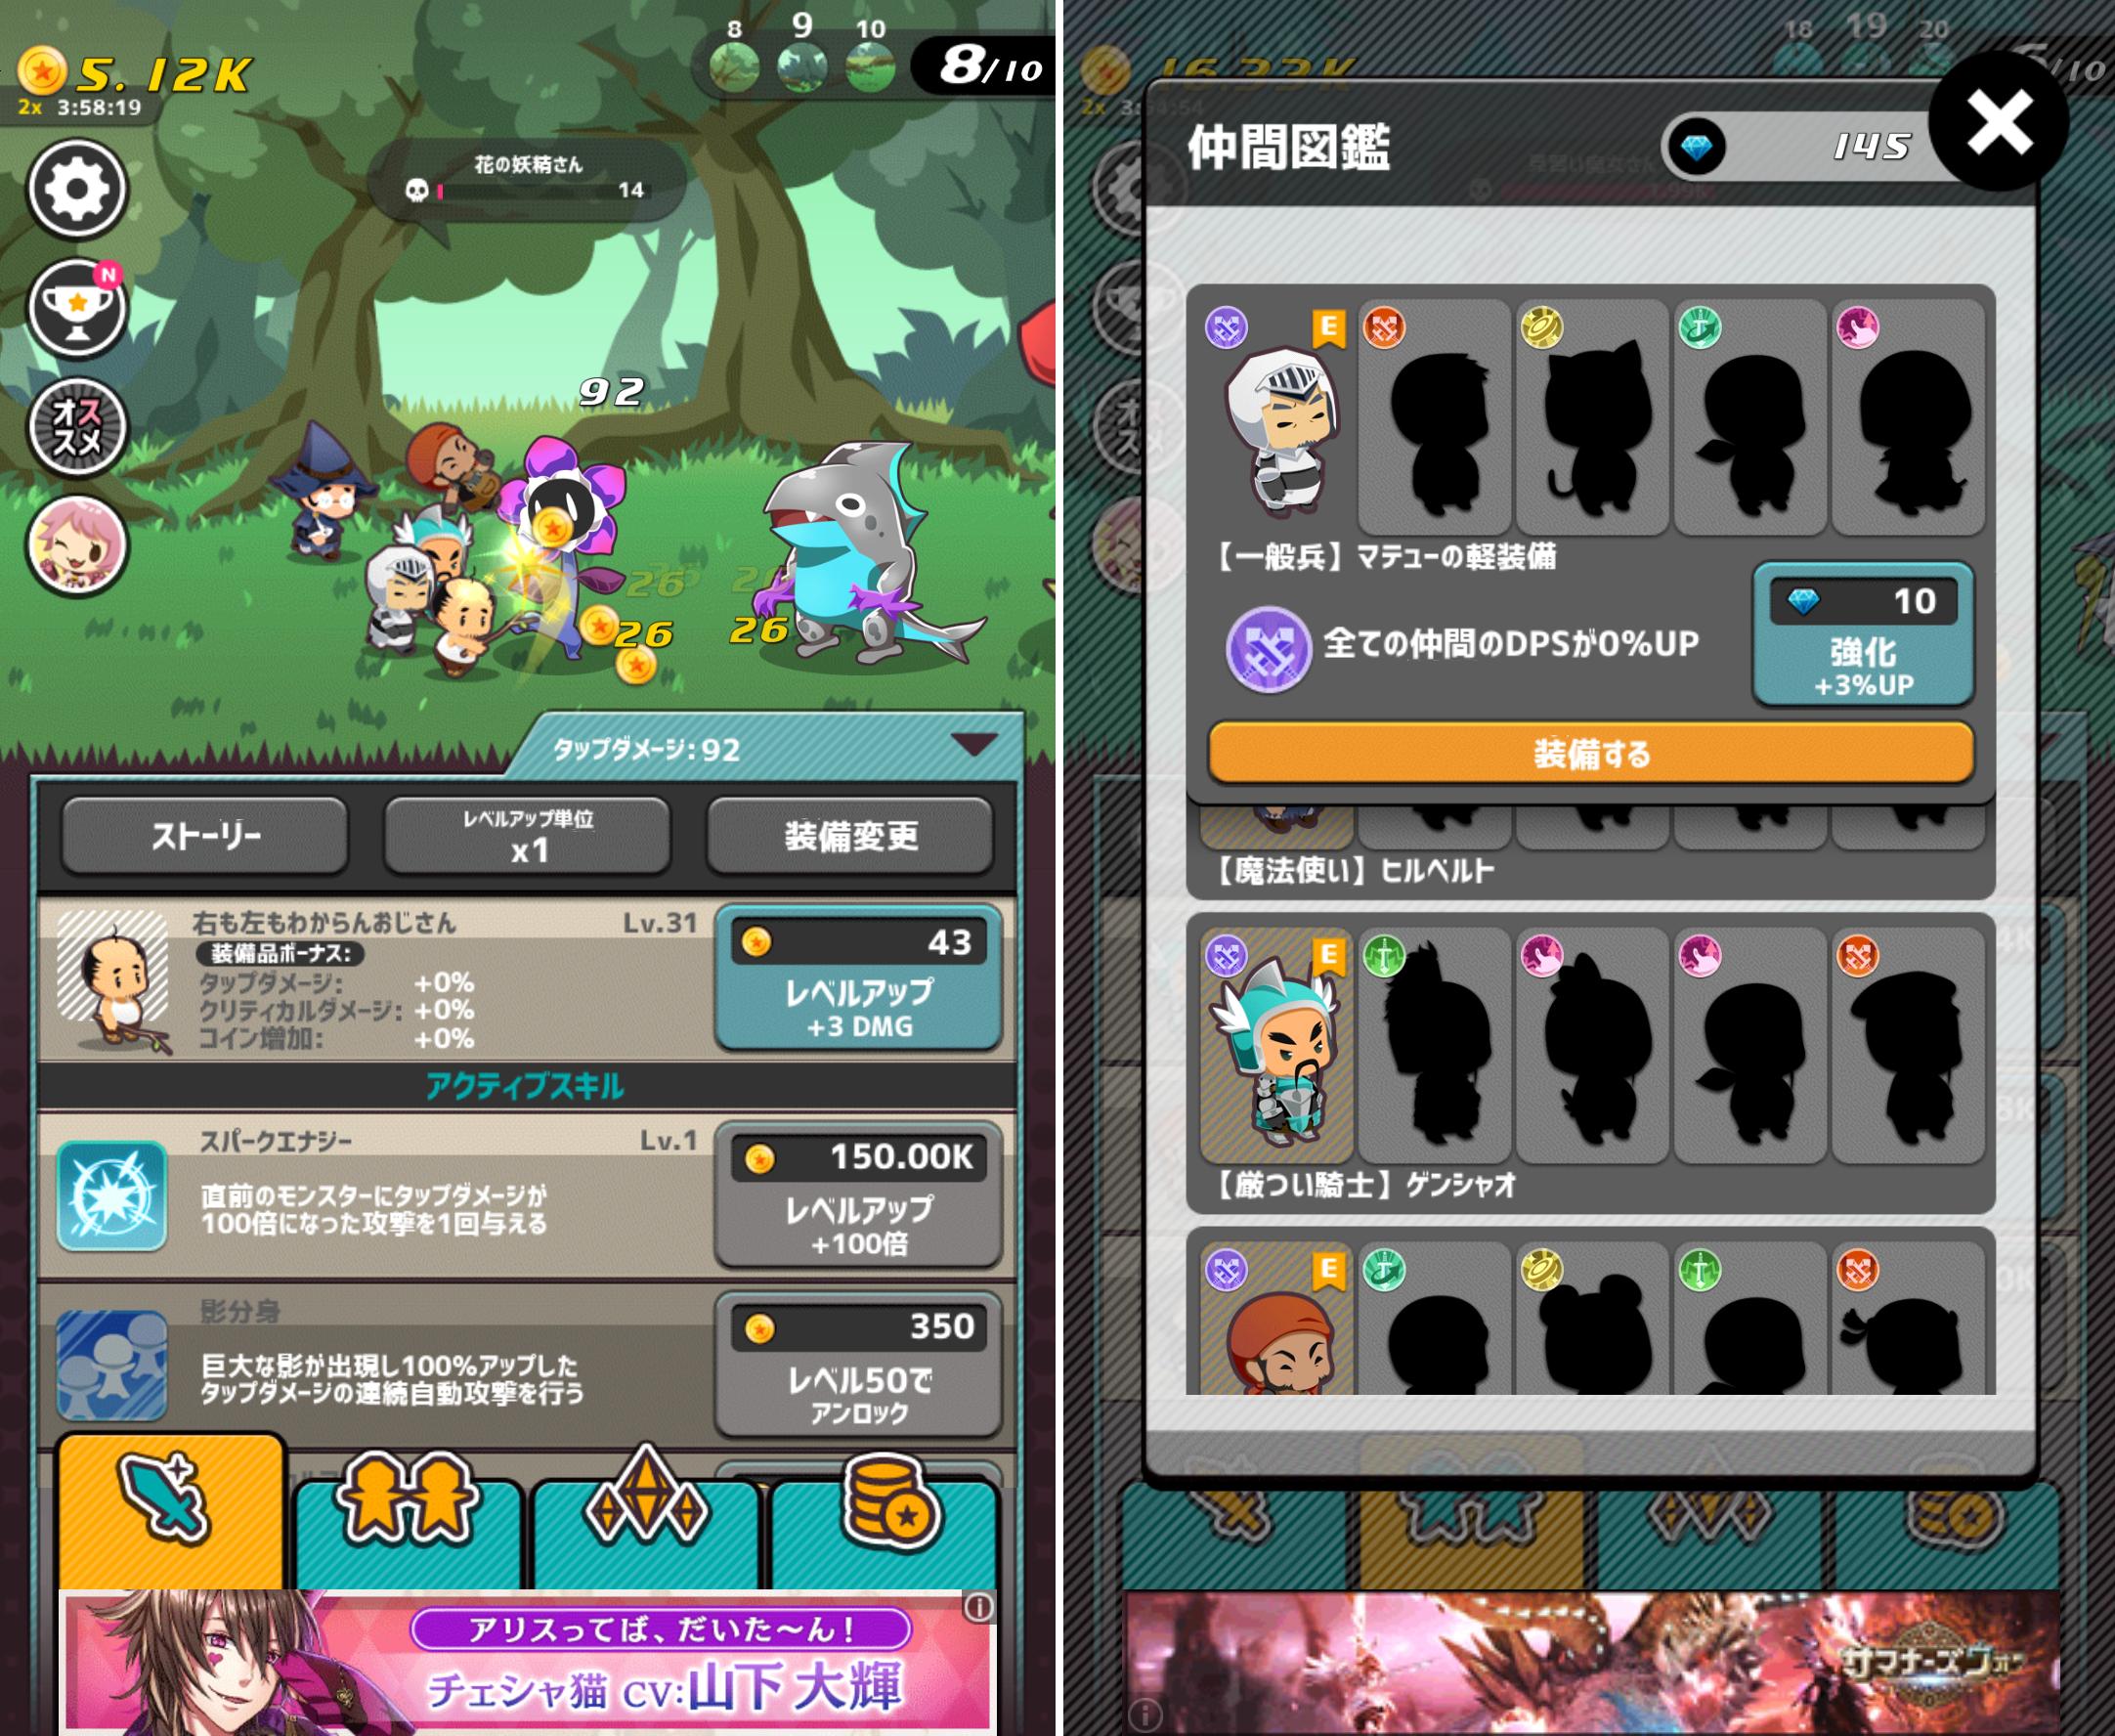 おじクエ - OJISAN QUEST - androidアプリスクリーンショット3